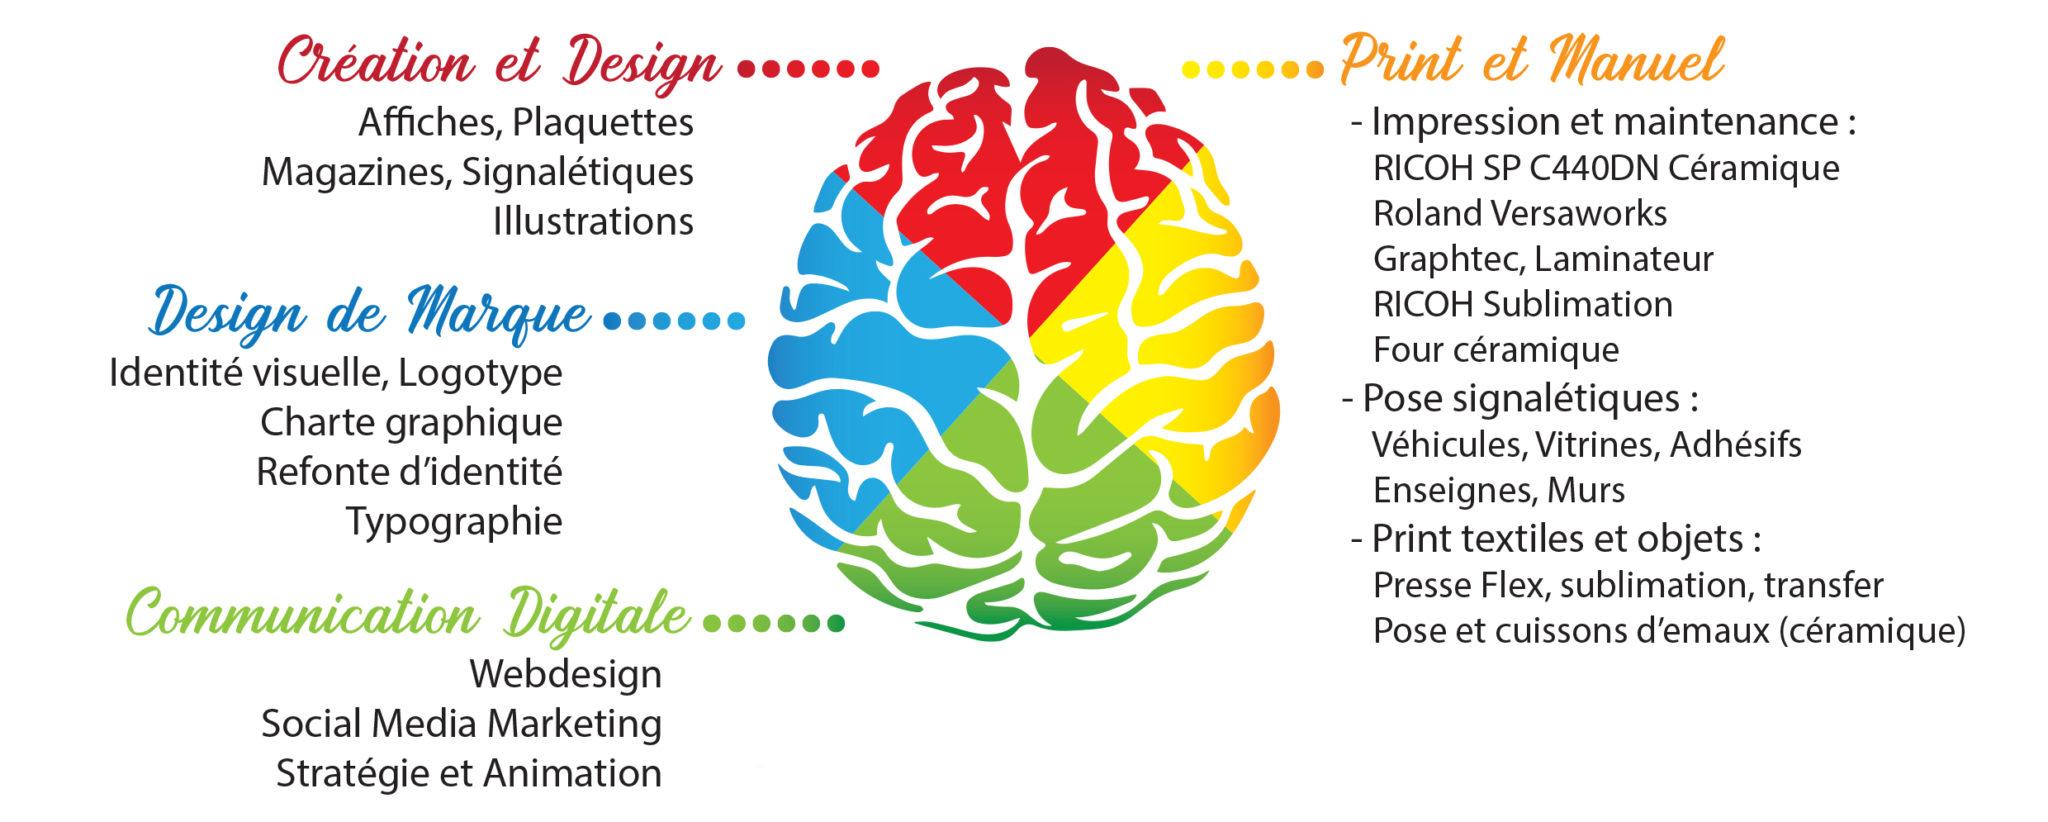 Image d'un cerveau avec les compétences artistiques de Rokin